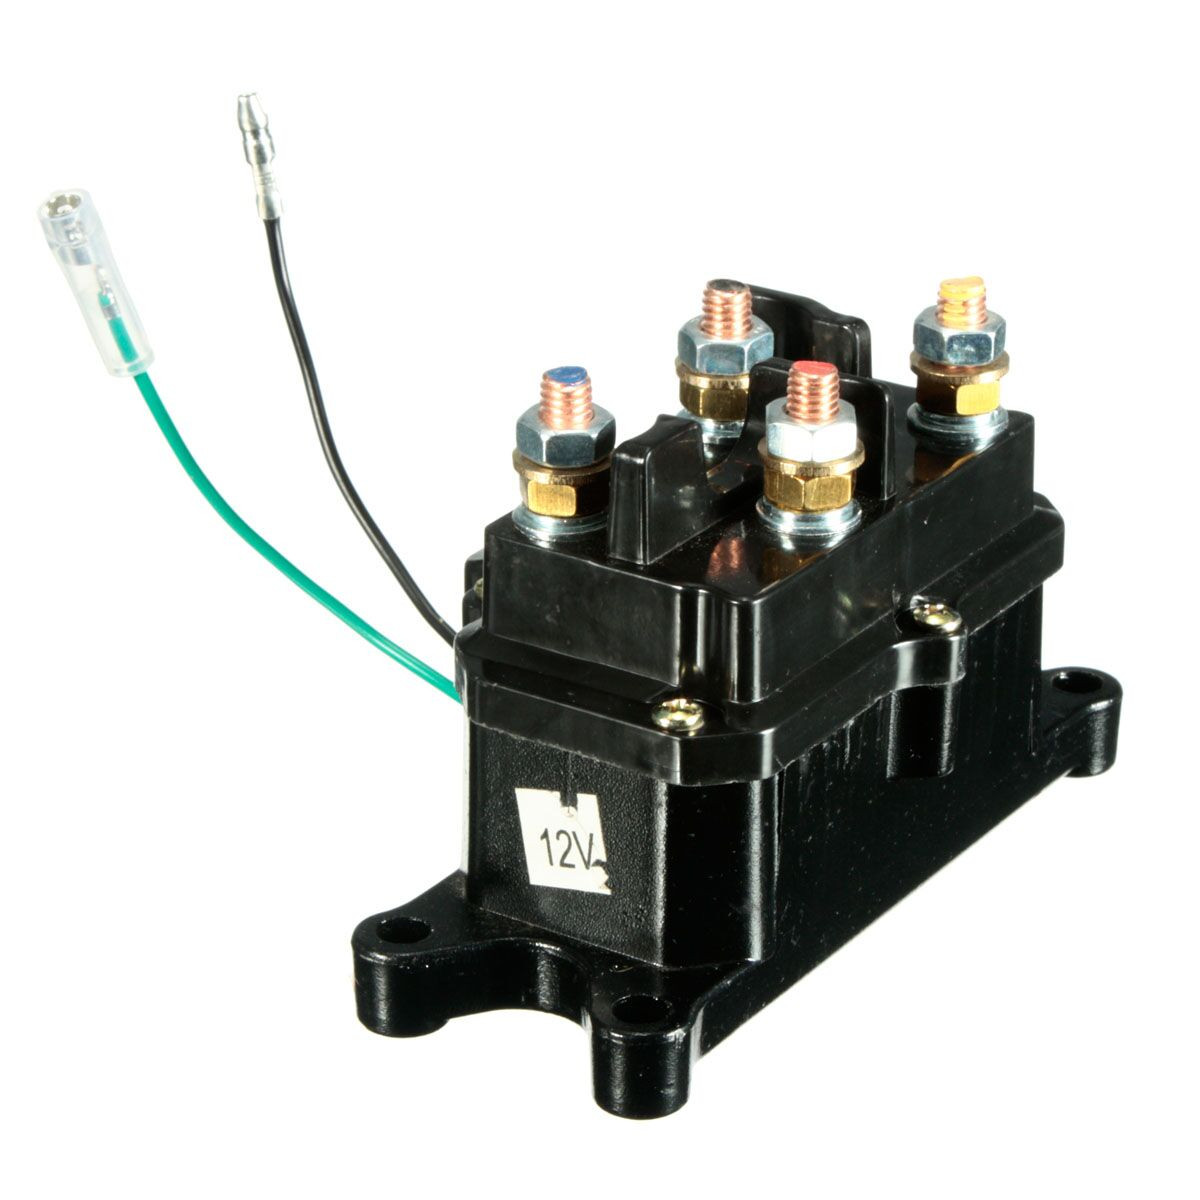 Universal 12 V Solenoide Relay Contactor Winch Interruptor Volt Basculante Pulgar Para Atv Utv